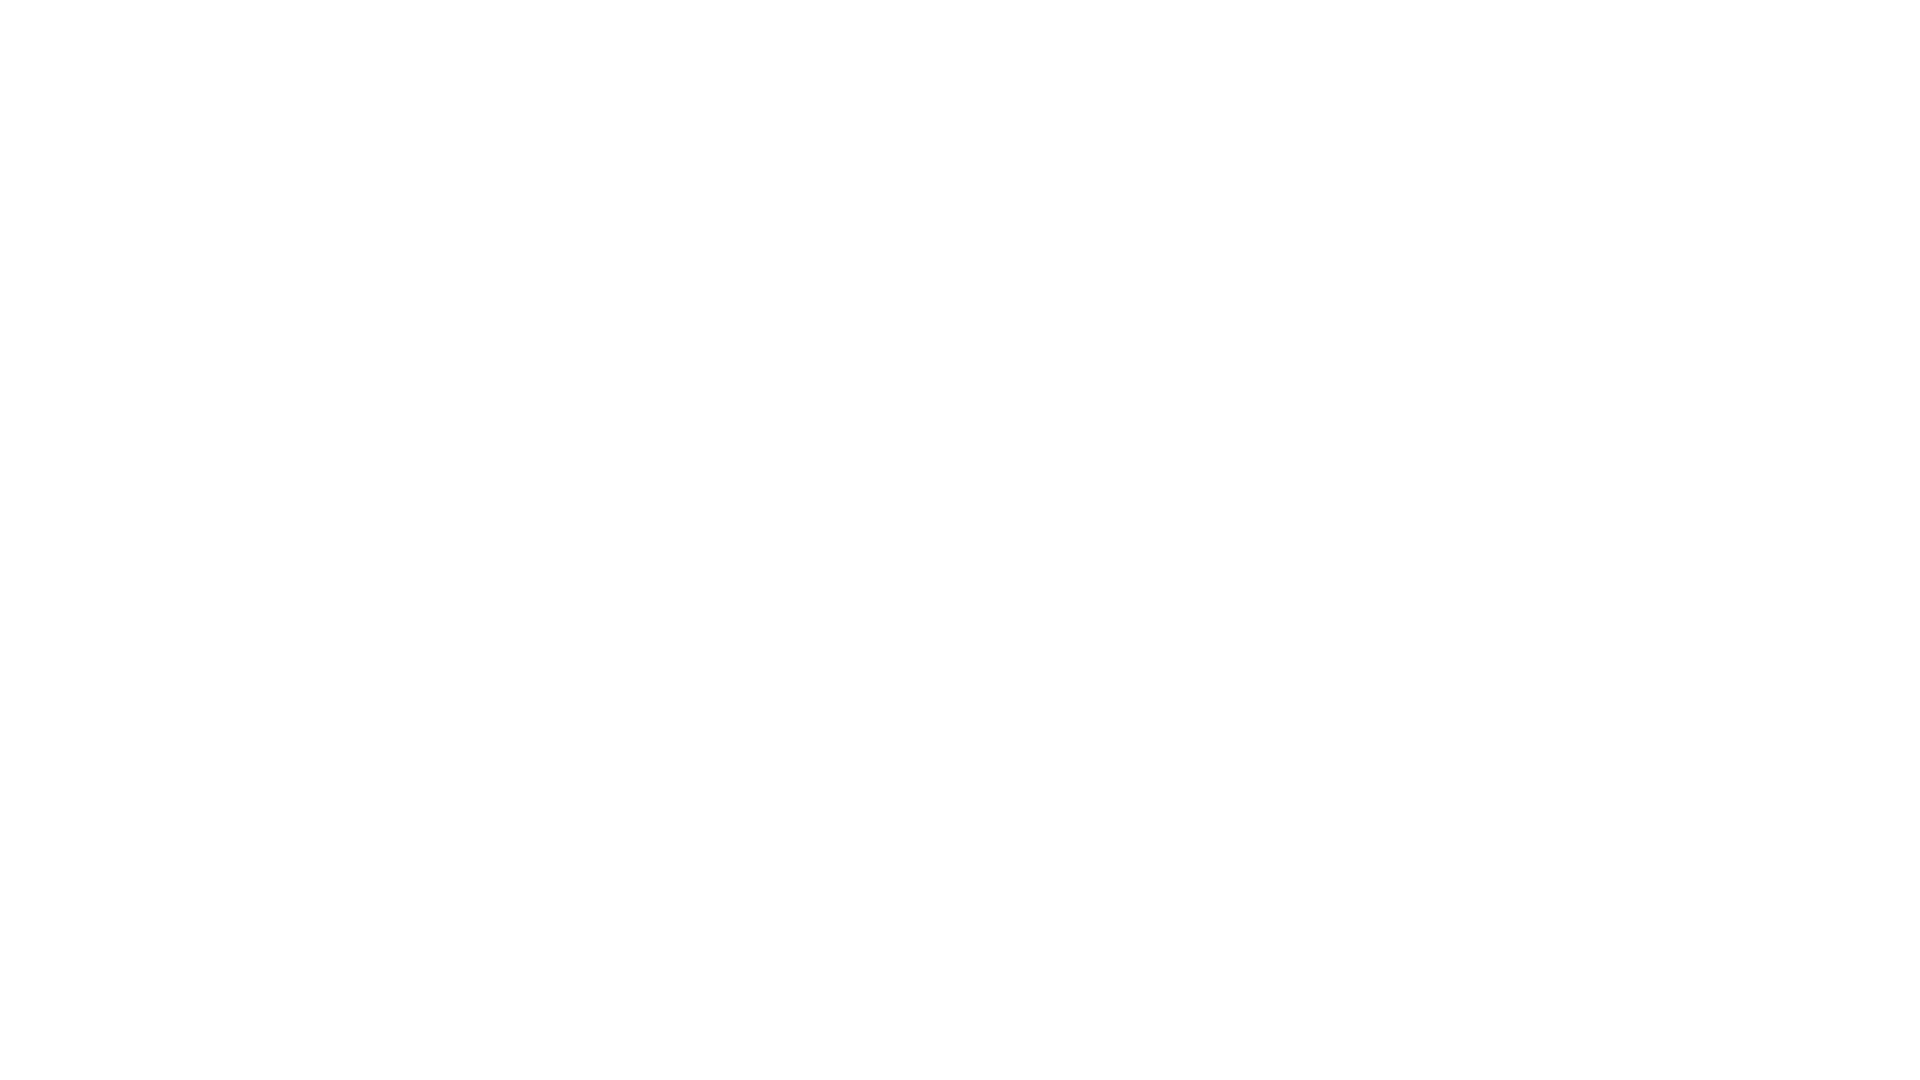 1920x1080C767AF23-3566-CE2F-4339-CE77315E5866.png